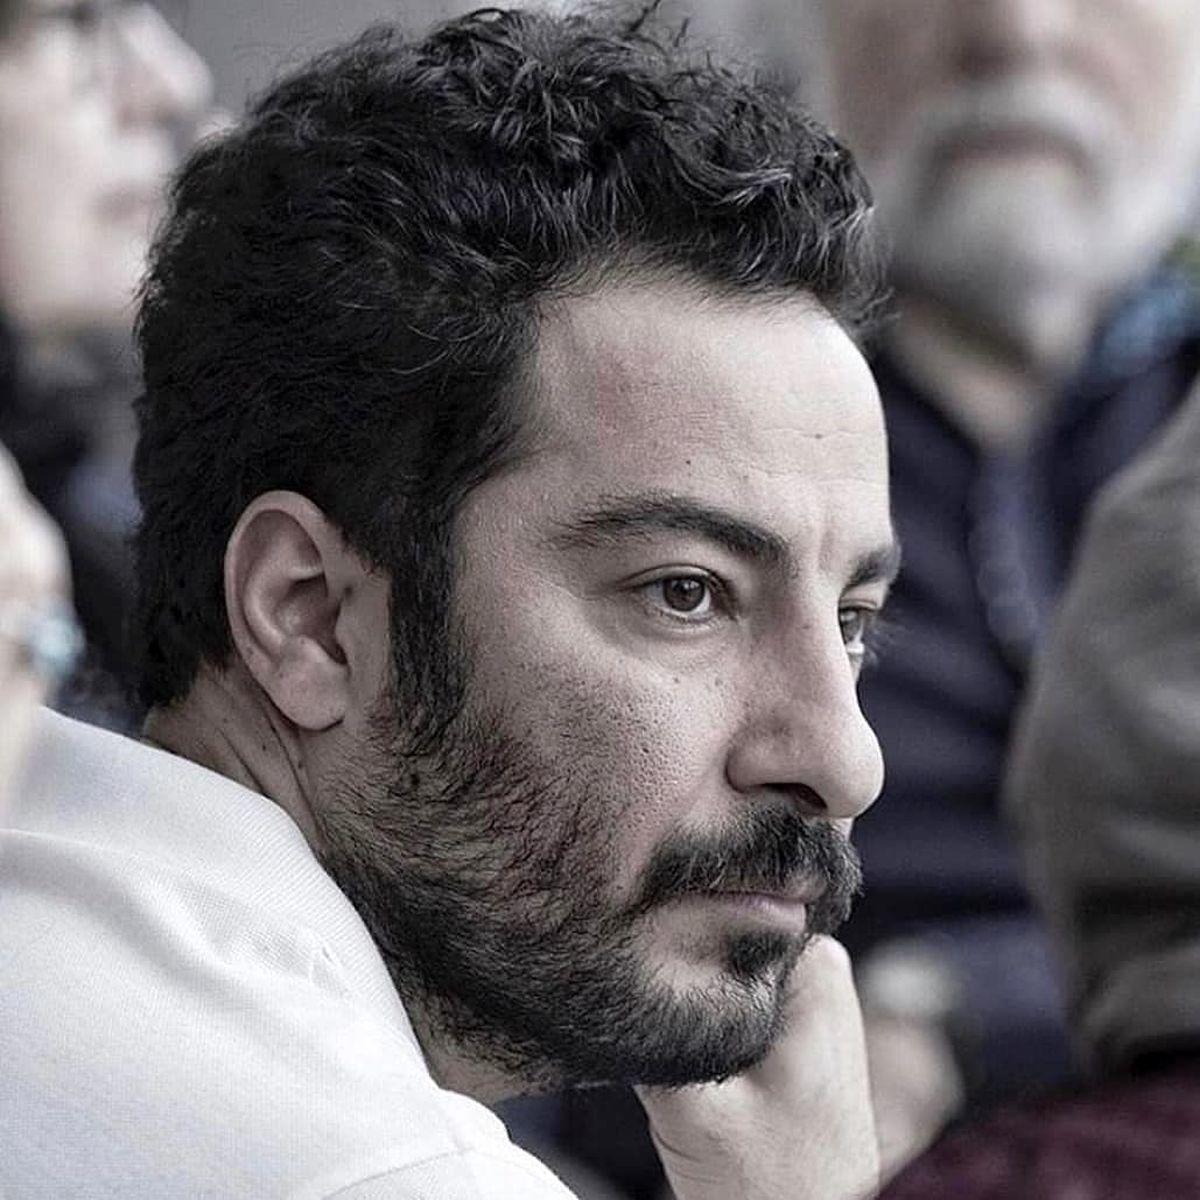 مصاحبه جنجالی نوید محمدزاده + برای فرشته حسینی گریه میکنم!